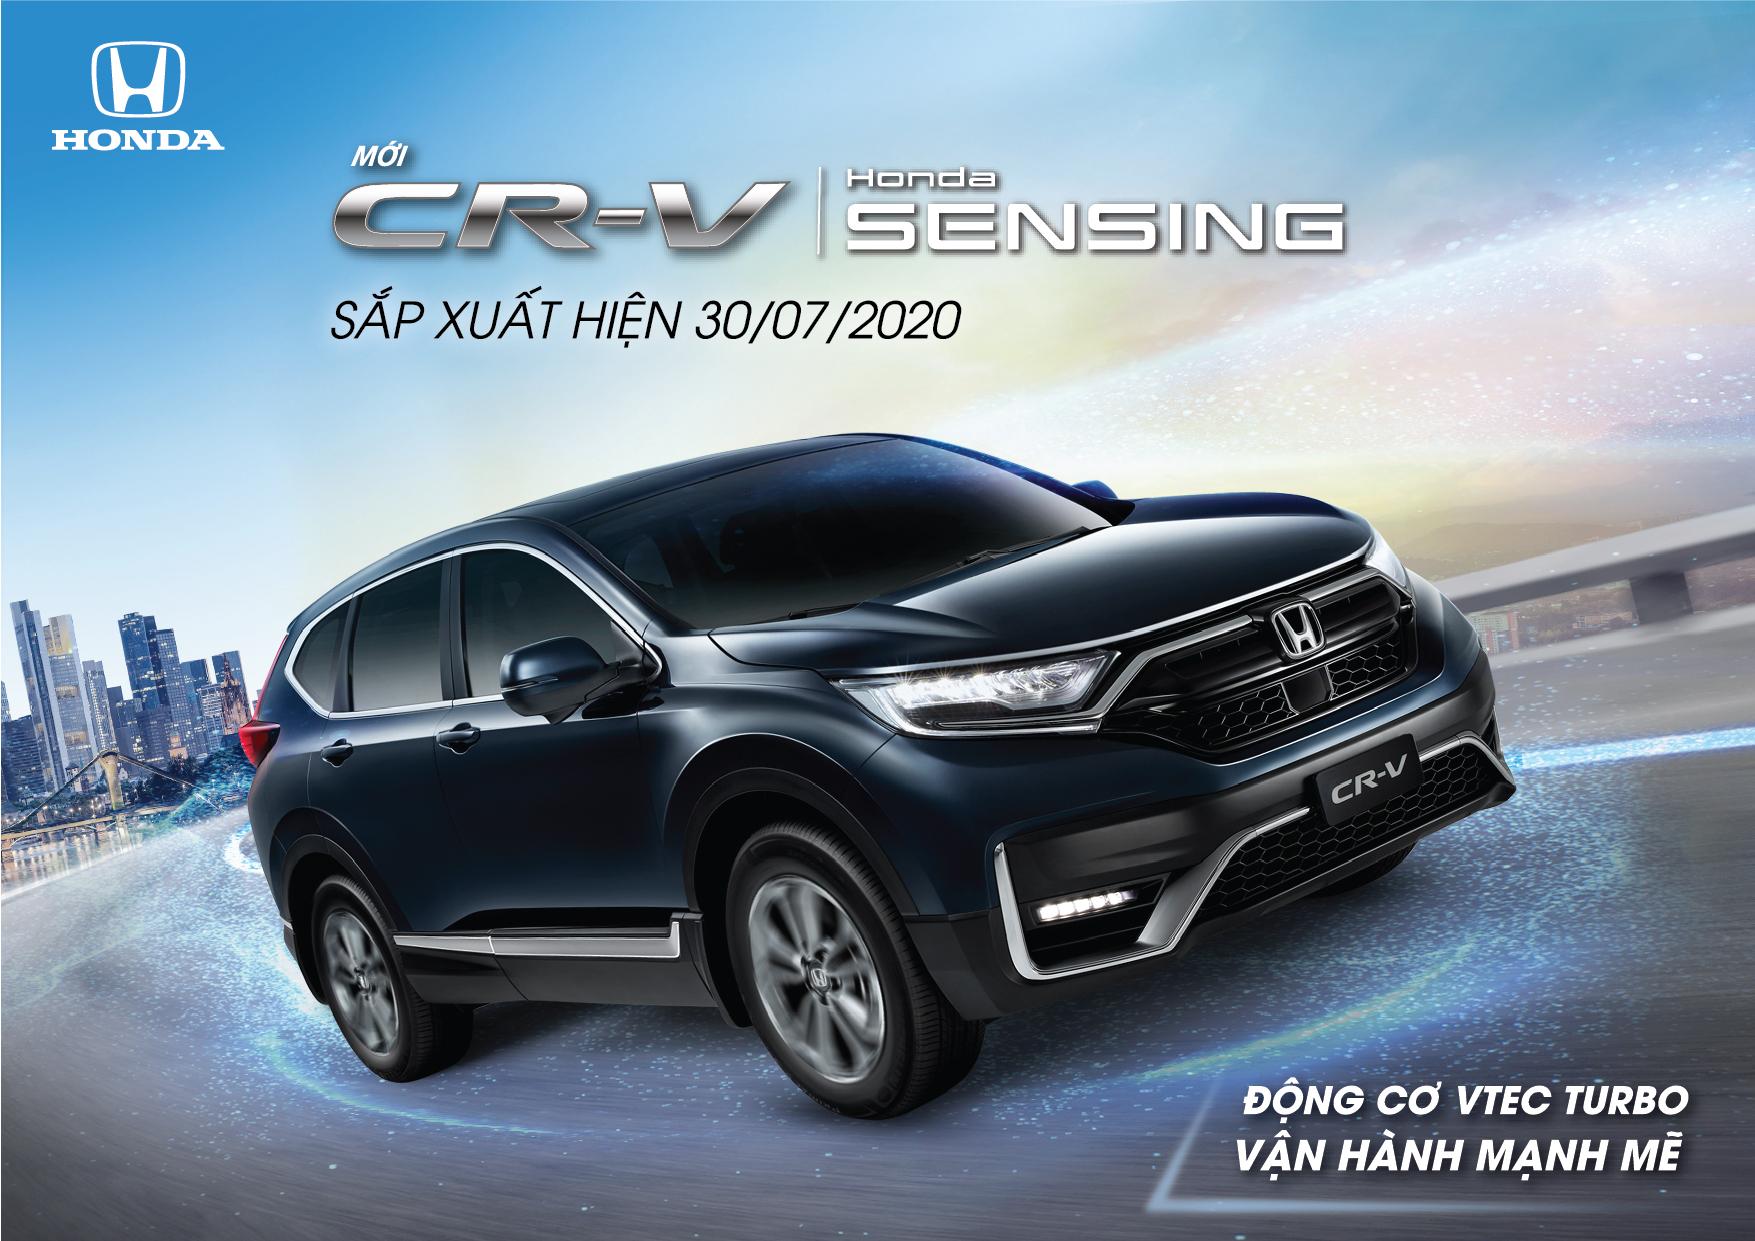 Honda CR-V Facelift 2020 sẽ được ra mắt vào ngày 08/08/2020